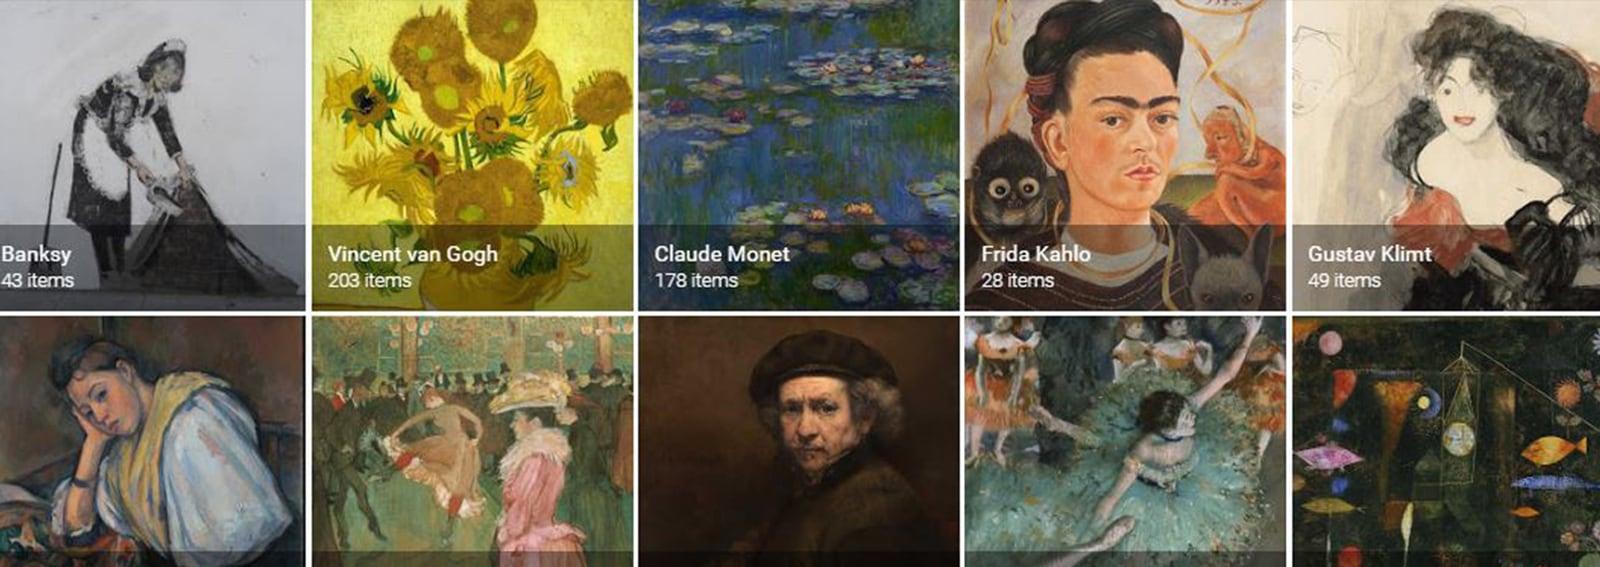 cover come funziona nuova app google arts desktop